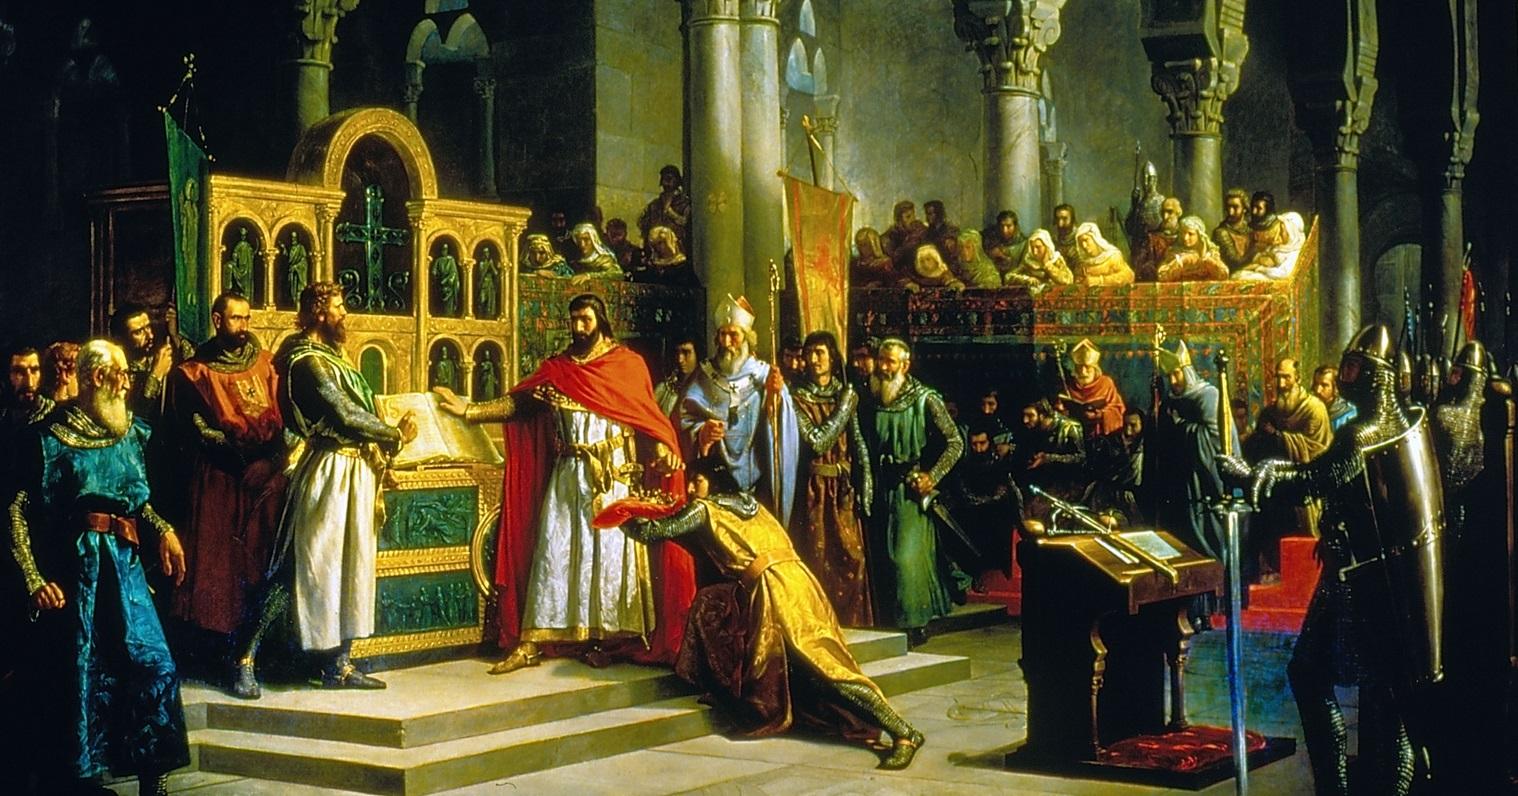 Alfonso VI y el Cid Campeador en La Jura de Santa Gadea. Marcos Giráldez de Acosta (1830_1896). Óleo sobre lienzo